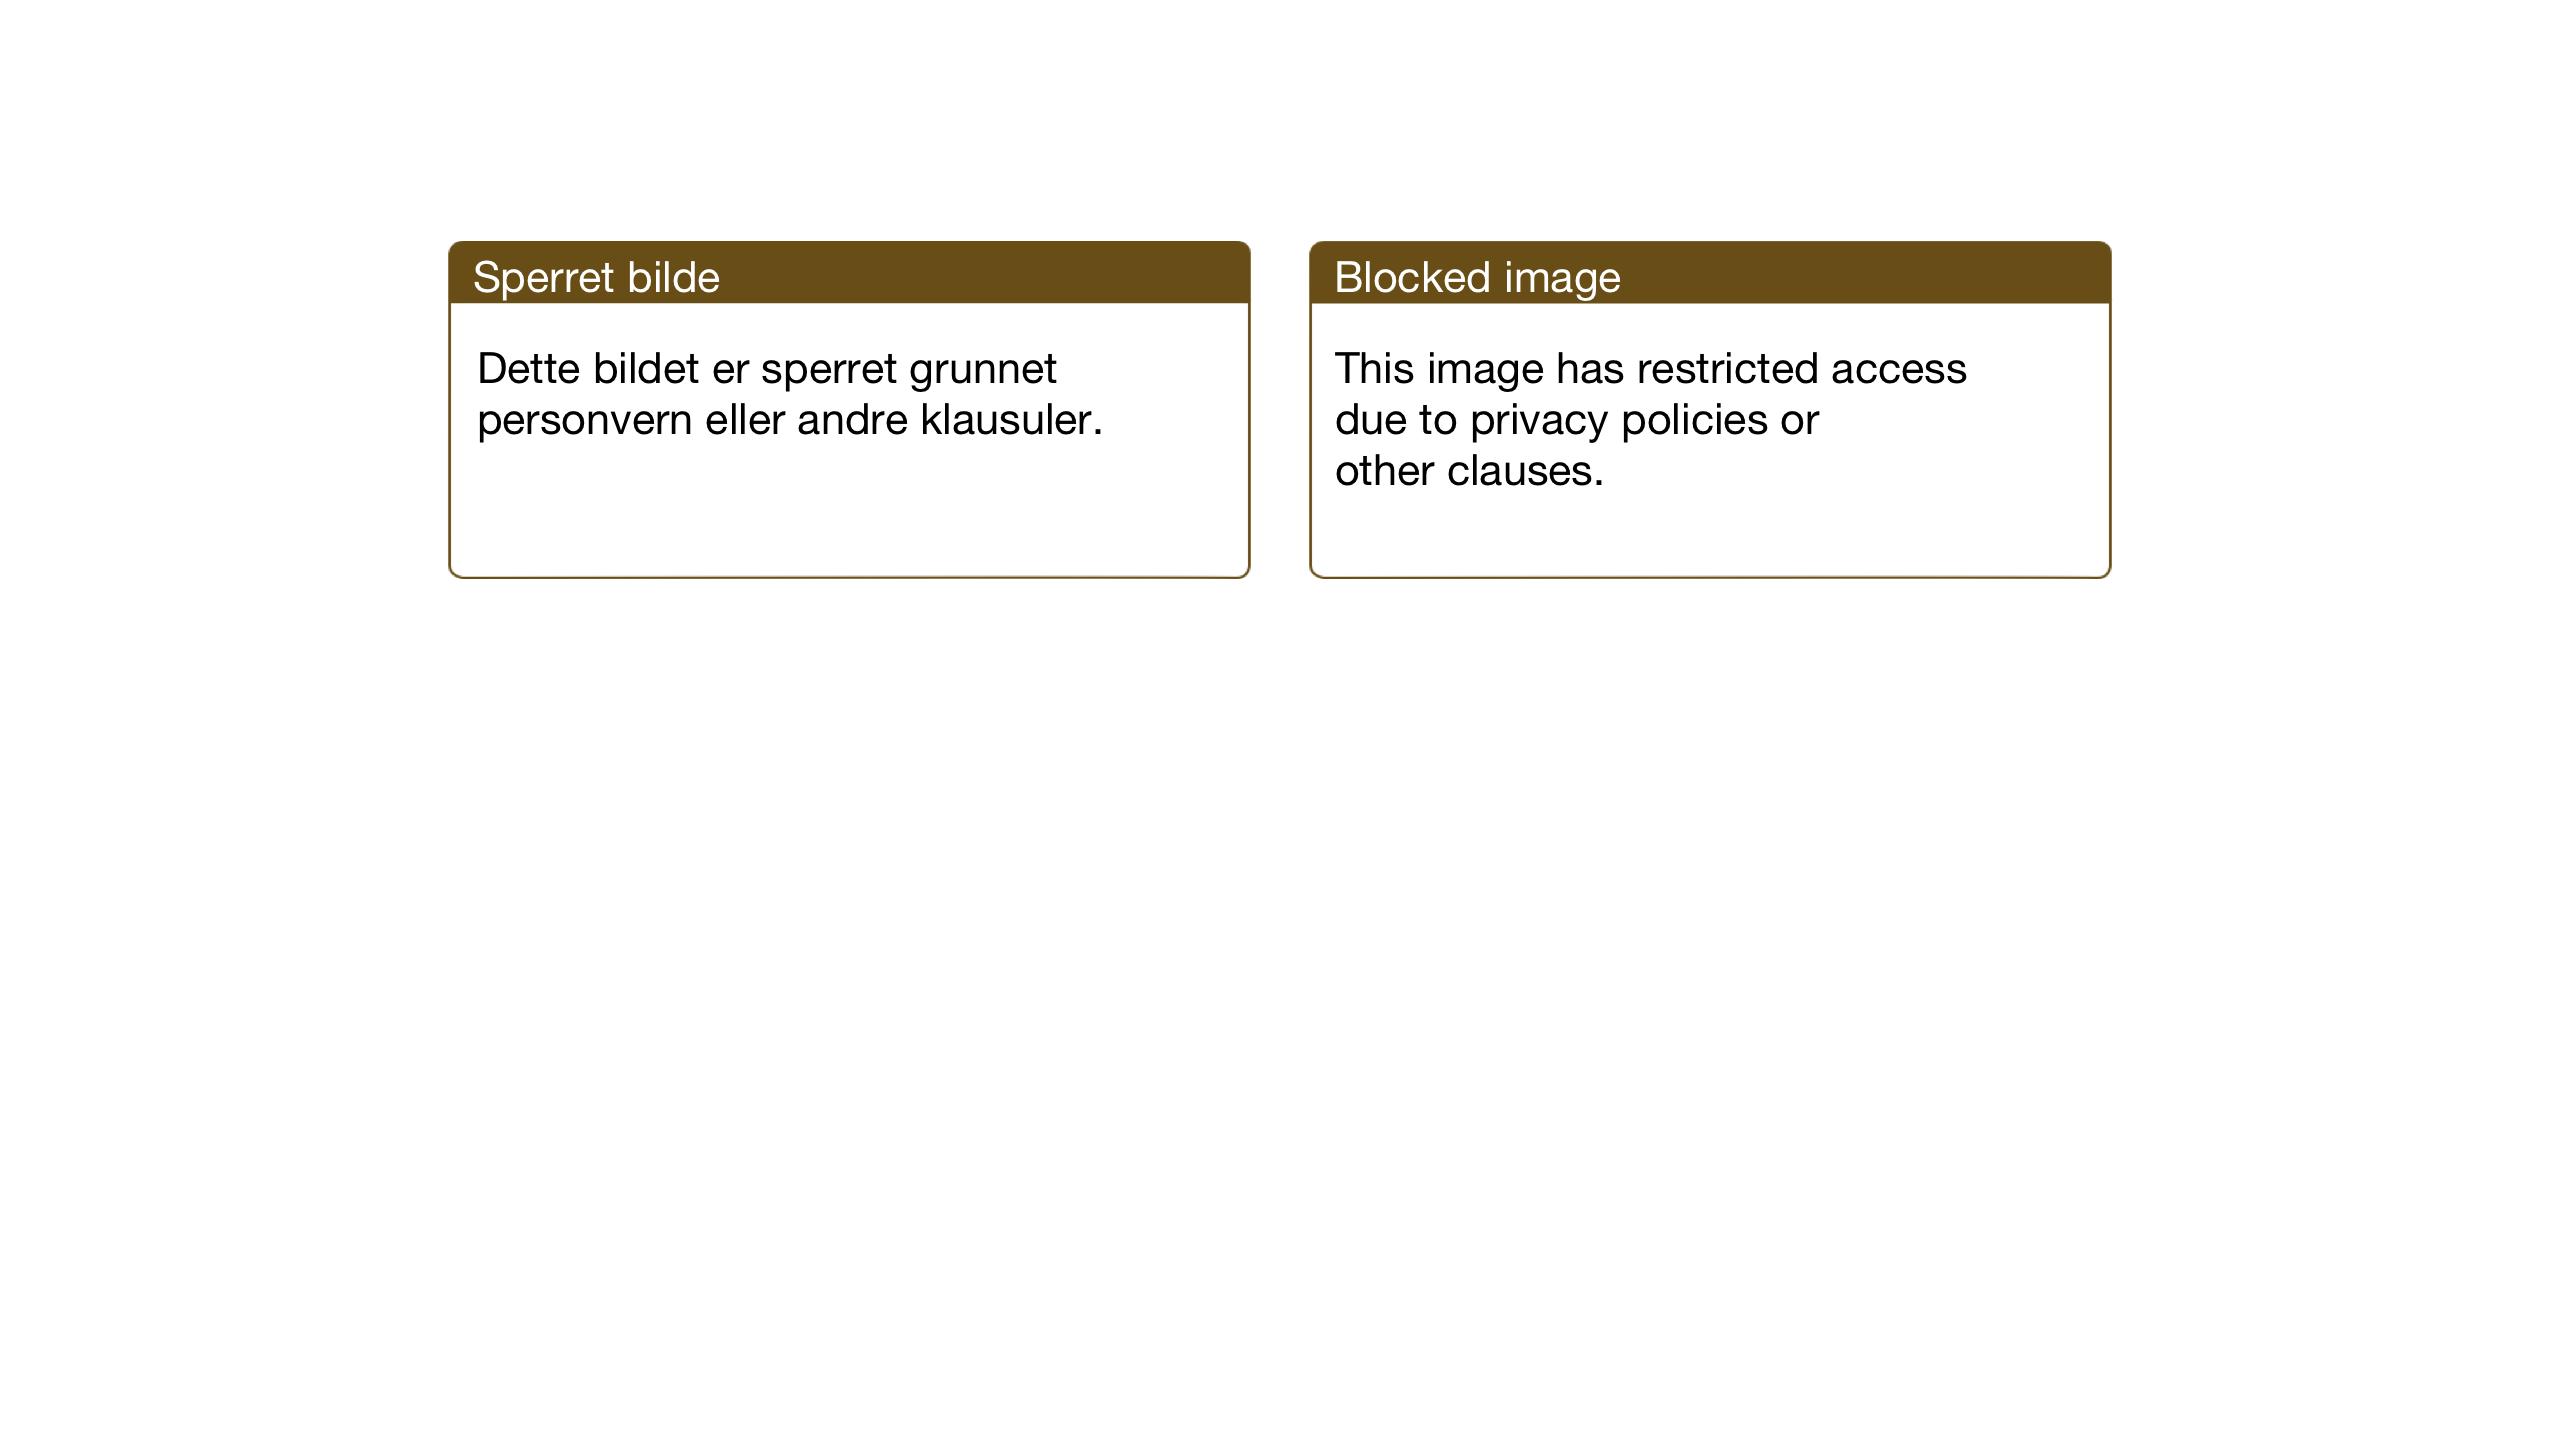 SAT, Ministerialprotokoller, klokkerbøker og fødselsregistre - Sør-Trøndelag, 669/L0832: Klokkerbok nr. 669C02, 1925-1953, s. 155